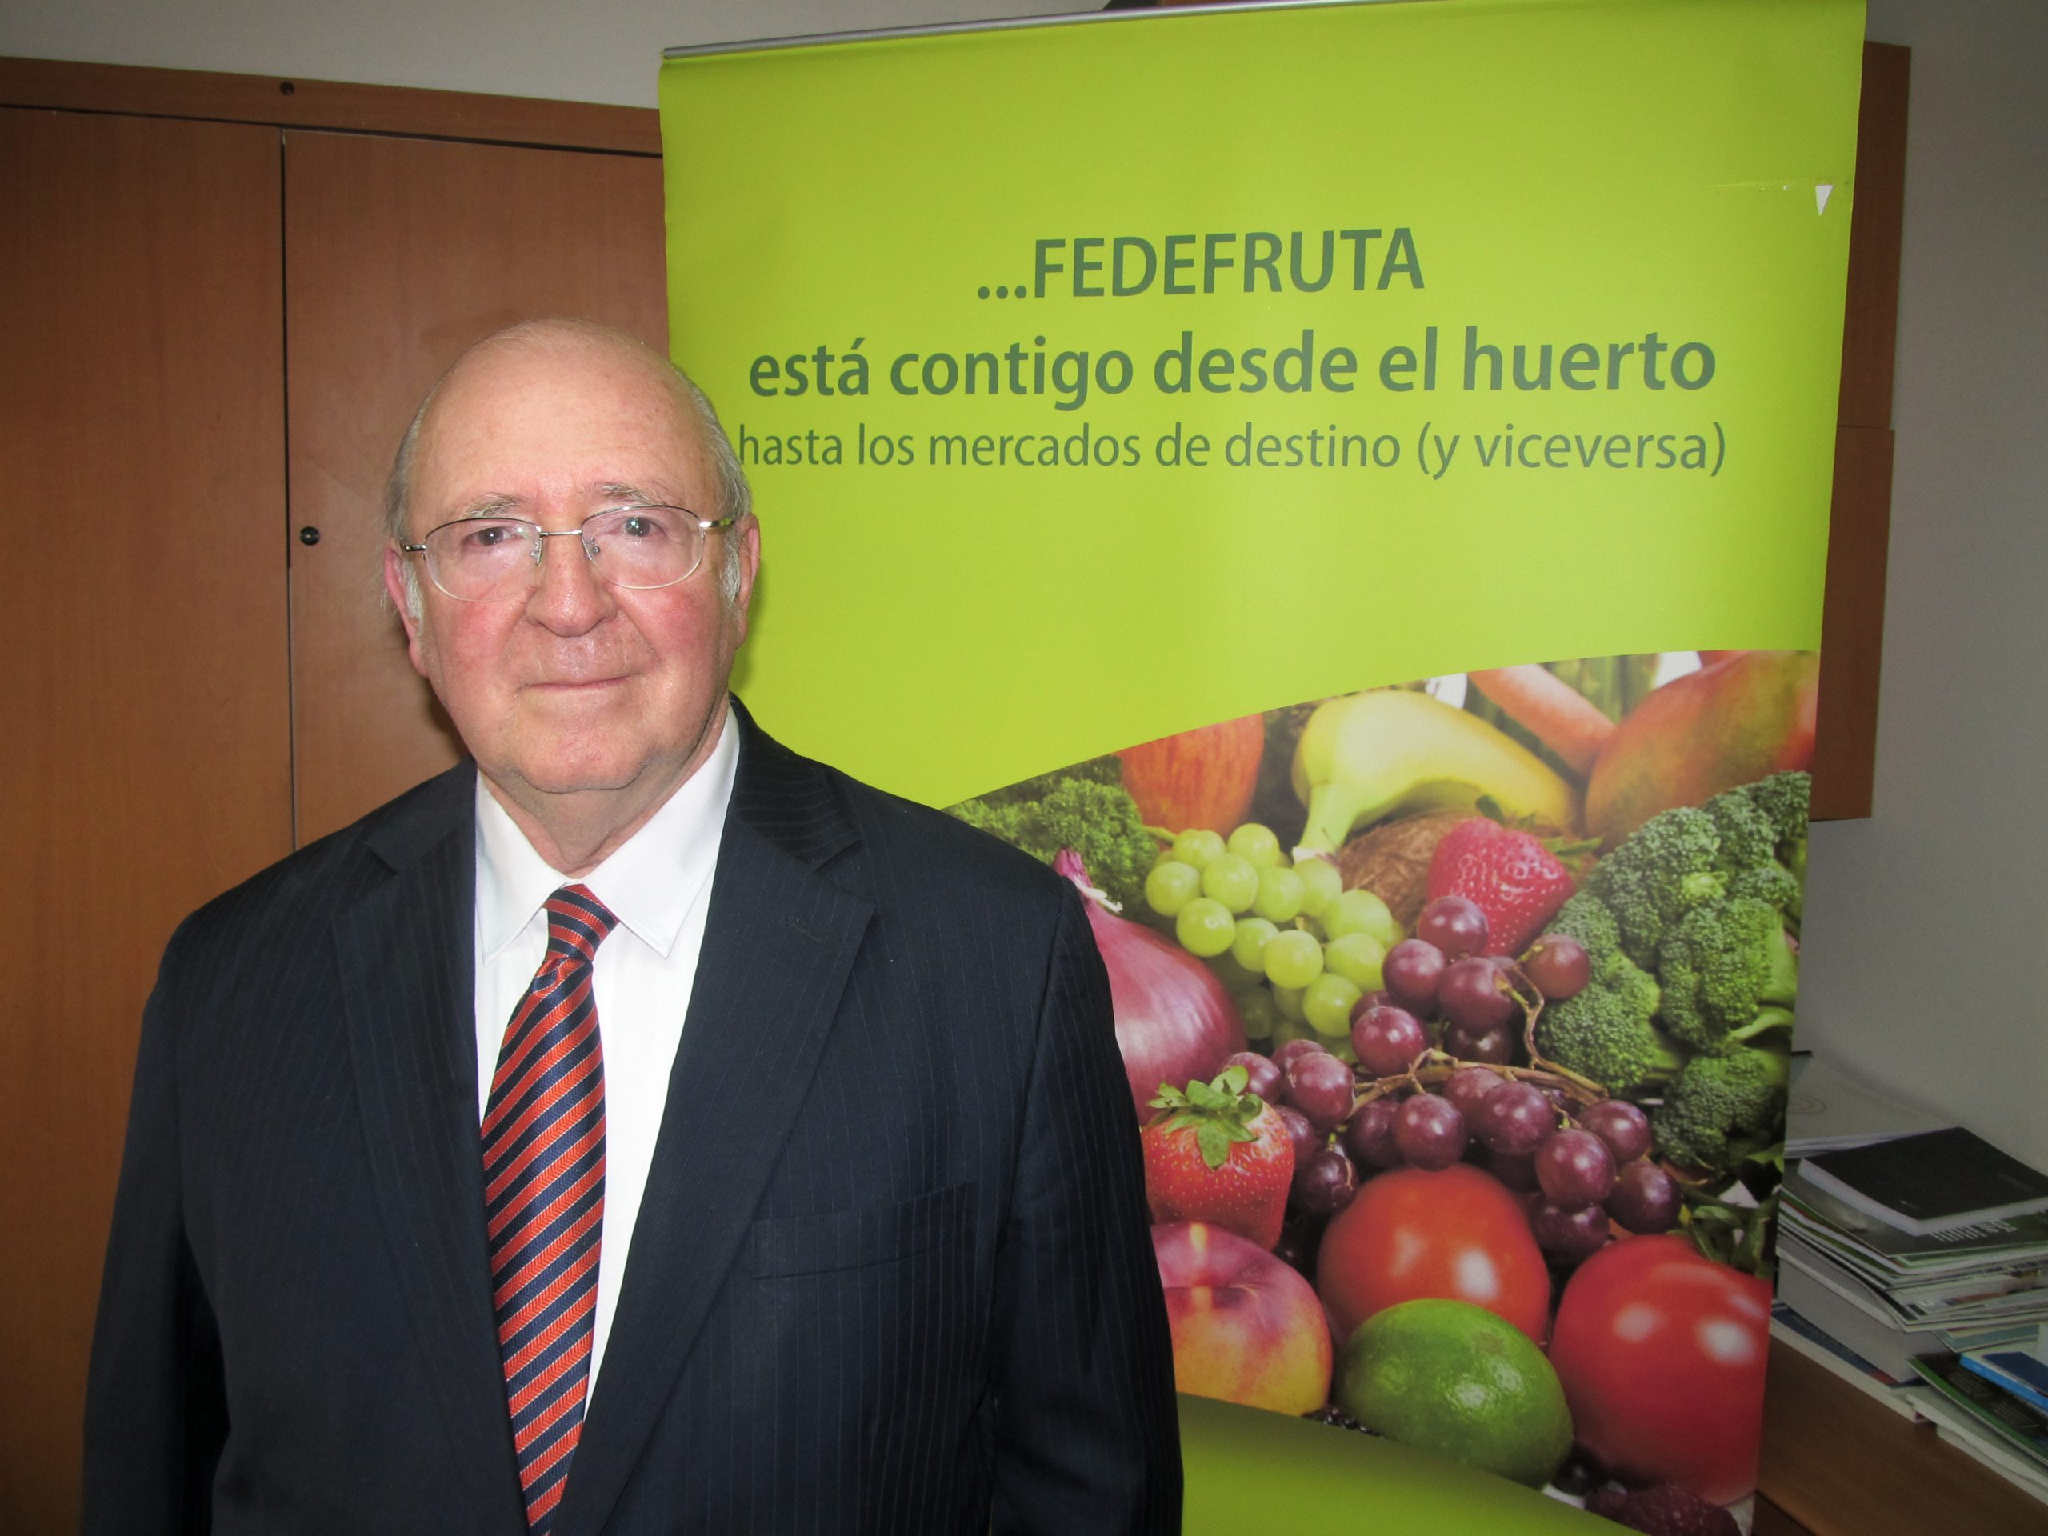 Renuncia presidente de Fedefruta: Asume ex embajador de Chile en China